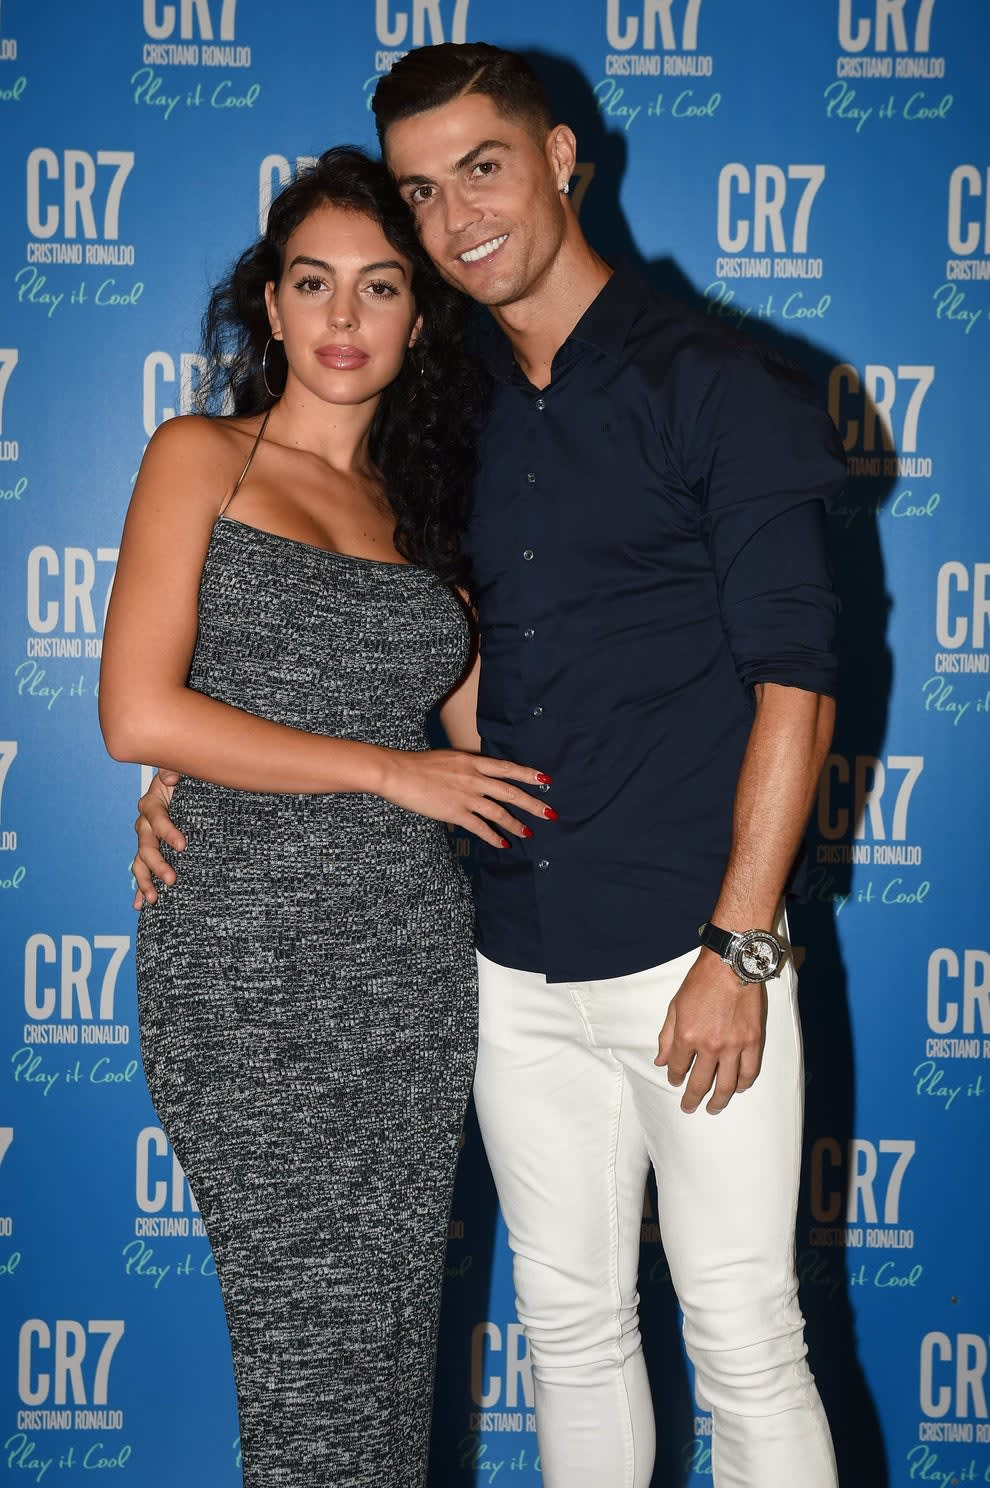 Georgina Rodriguez and Cristiano Ronaldo